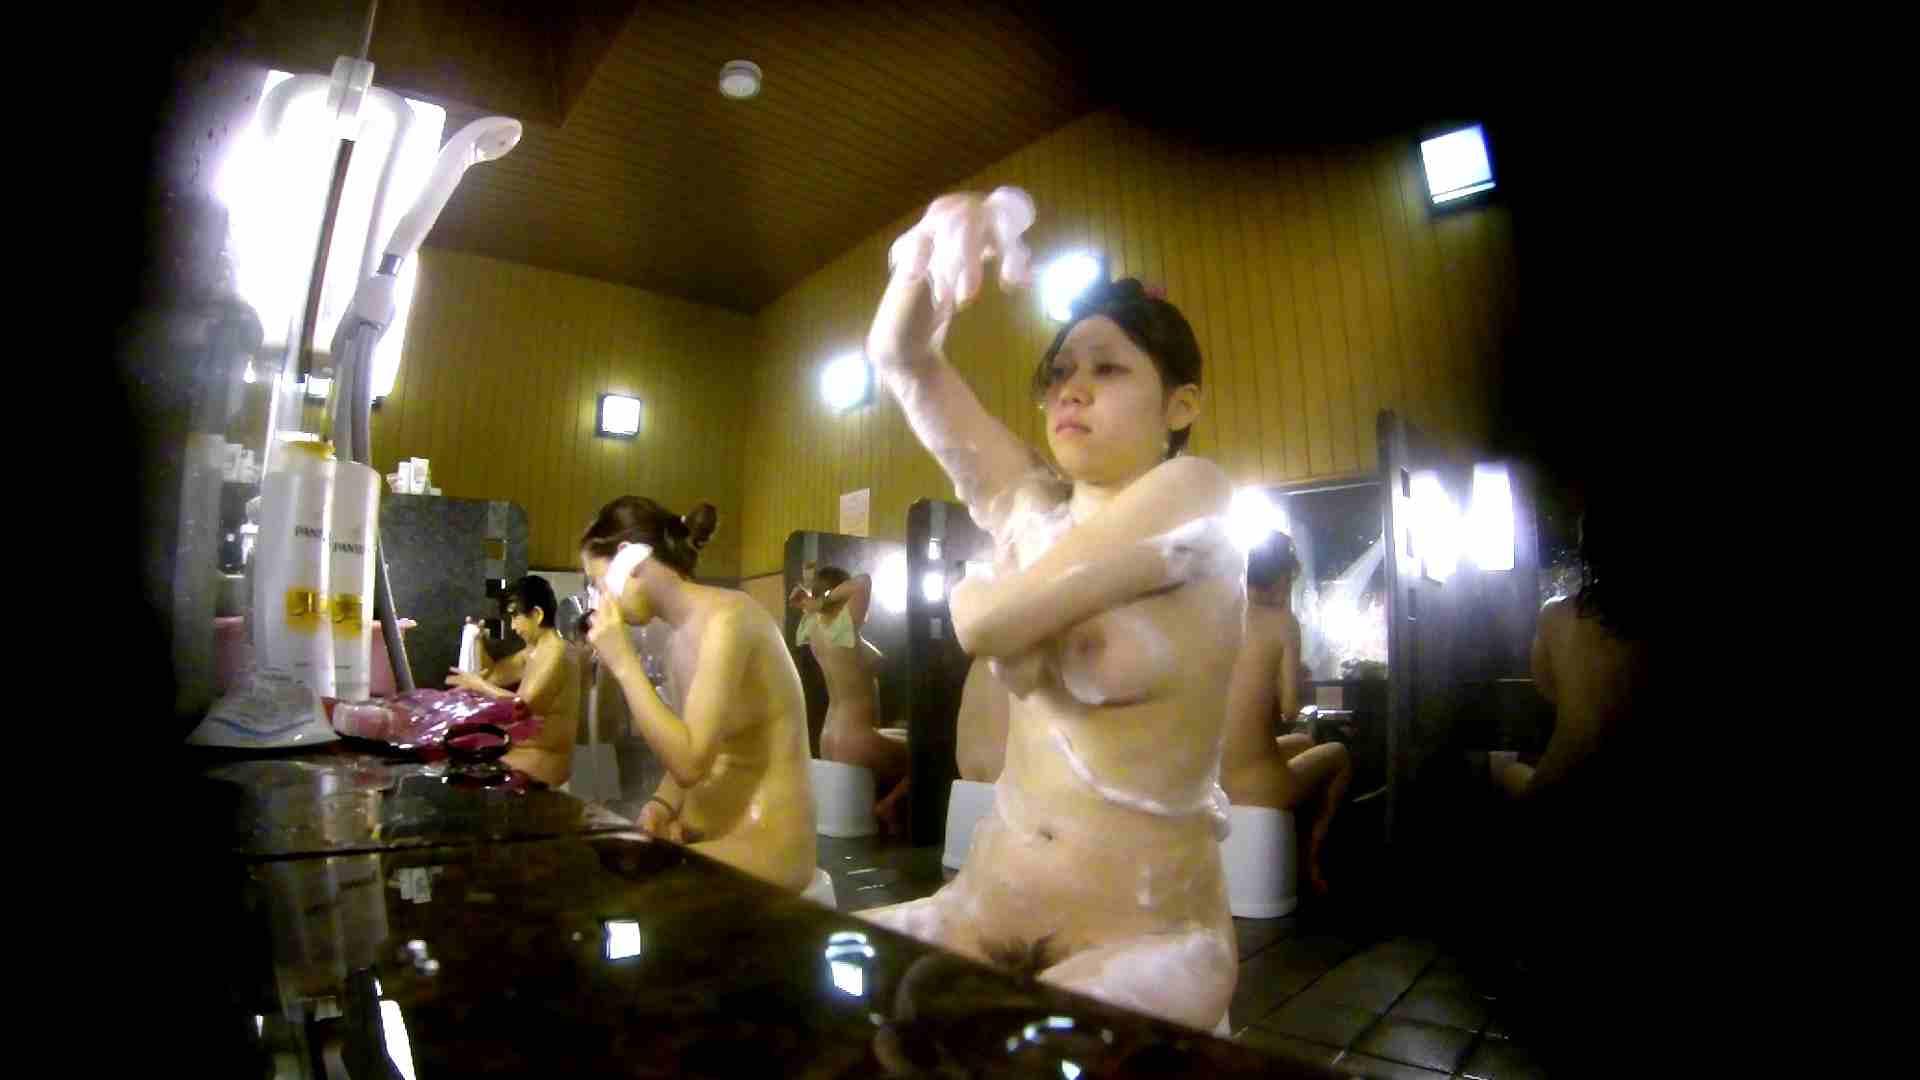 洗い場!柔らかそうな身体は良いけど、歯磨きが下品です。 銭湯   潜入  67連発 47